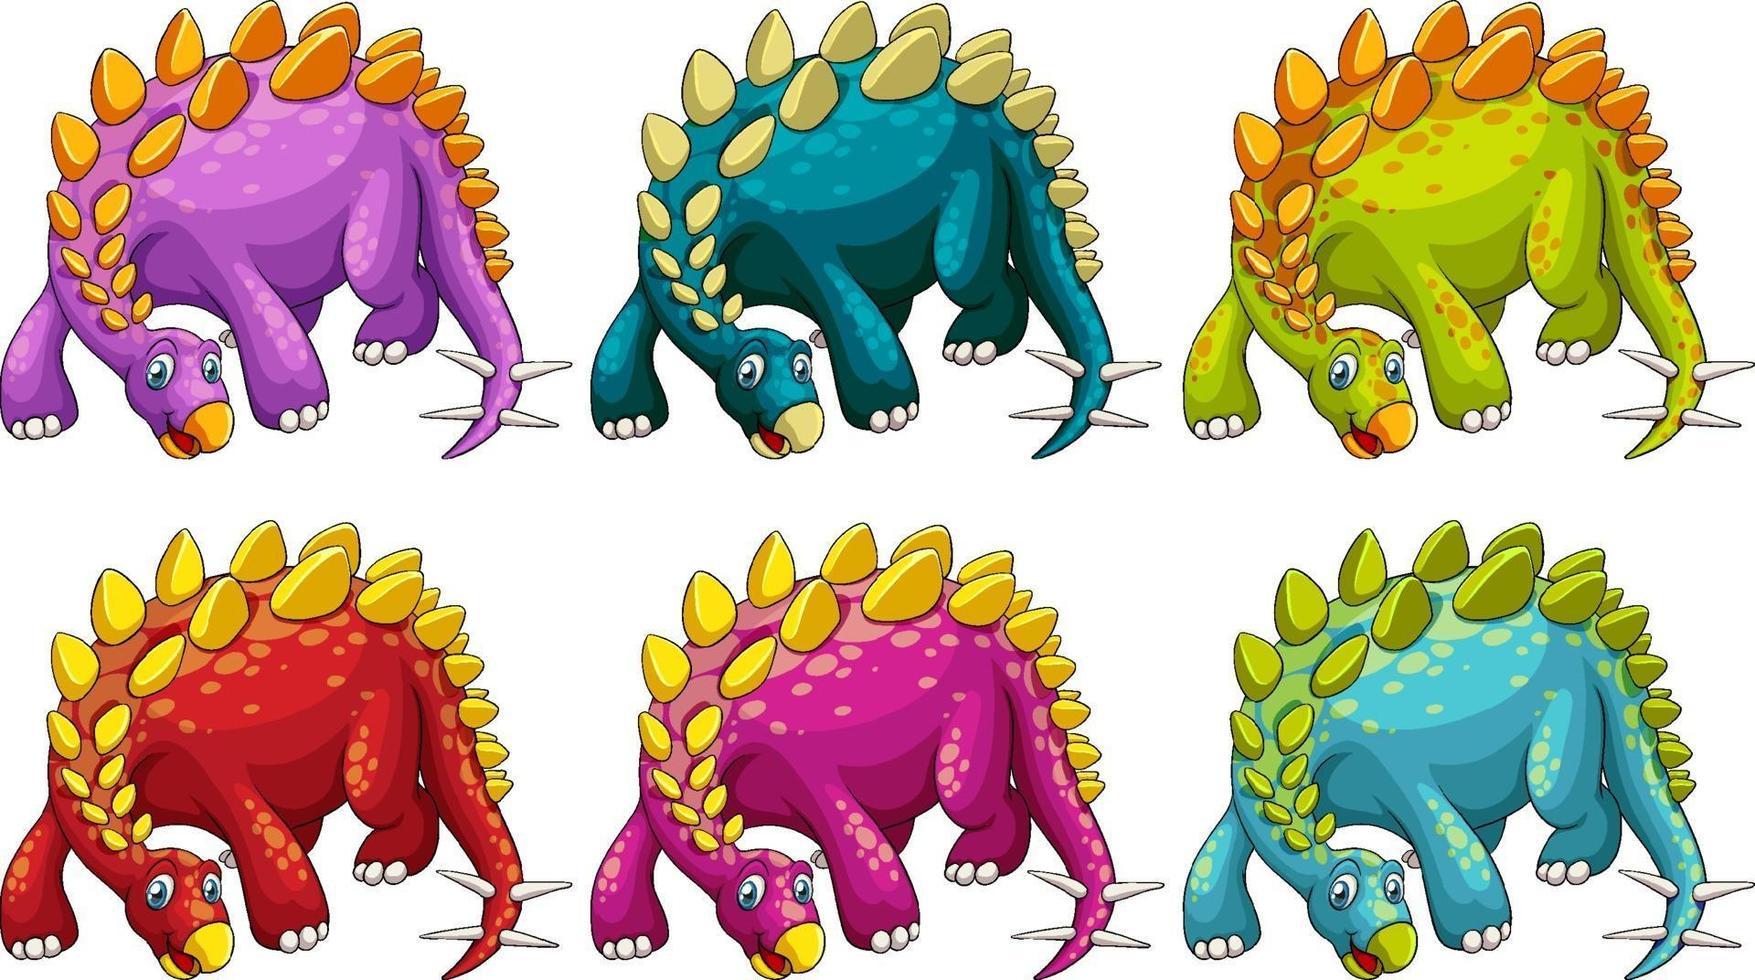 een stripfiguur van een stegosaurus-dinosaurus vector